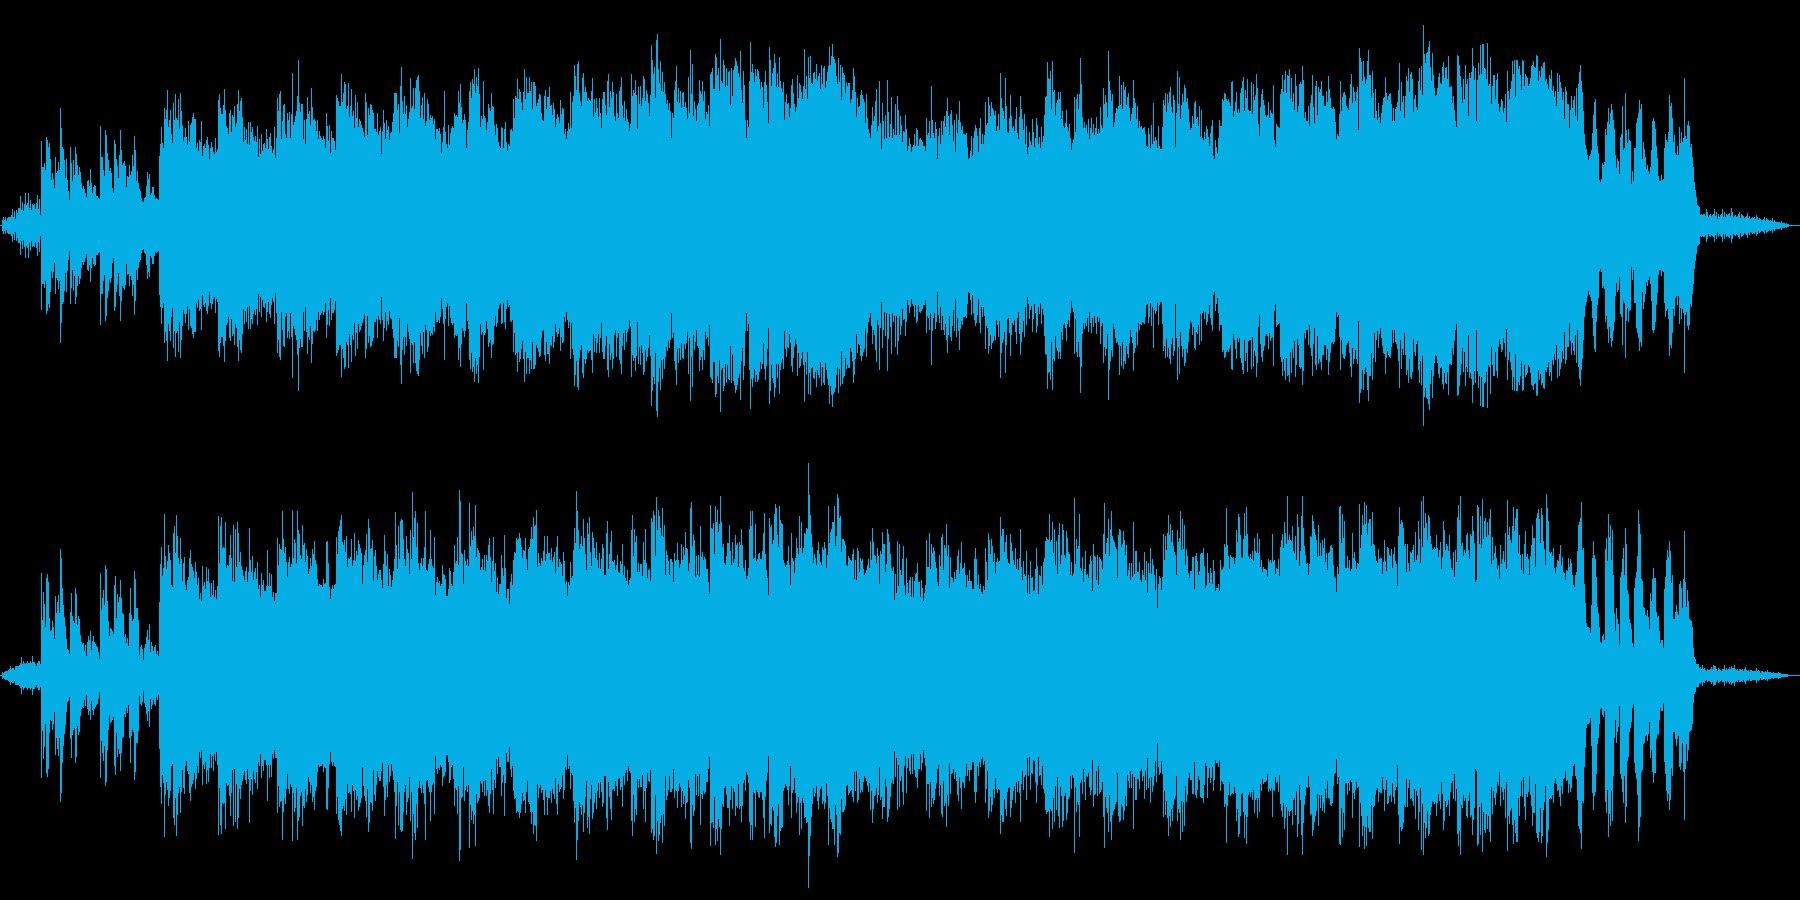 自然を感じるリラクゼーションミュージックの再生済みの波形